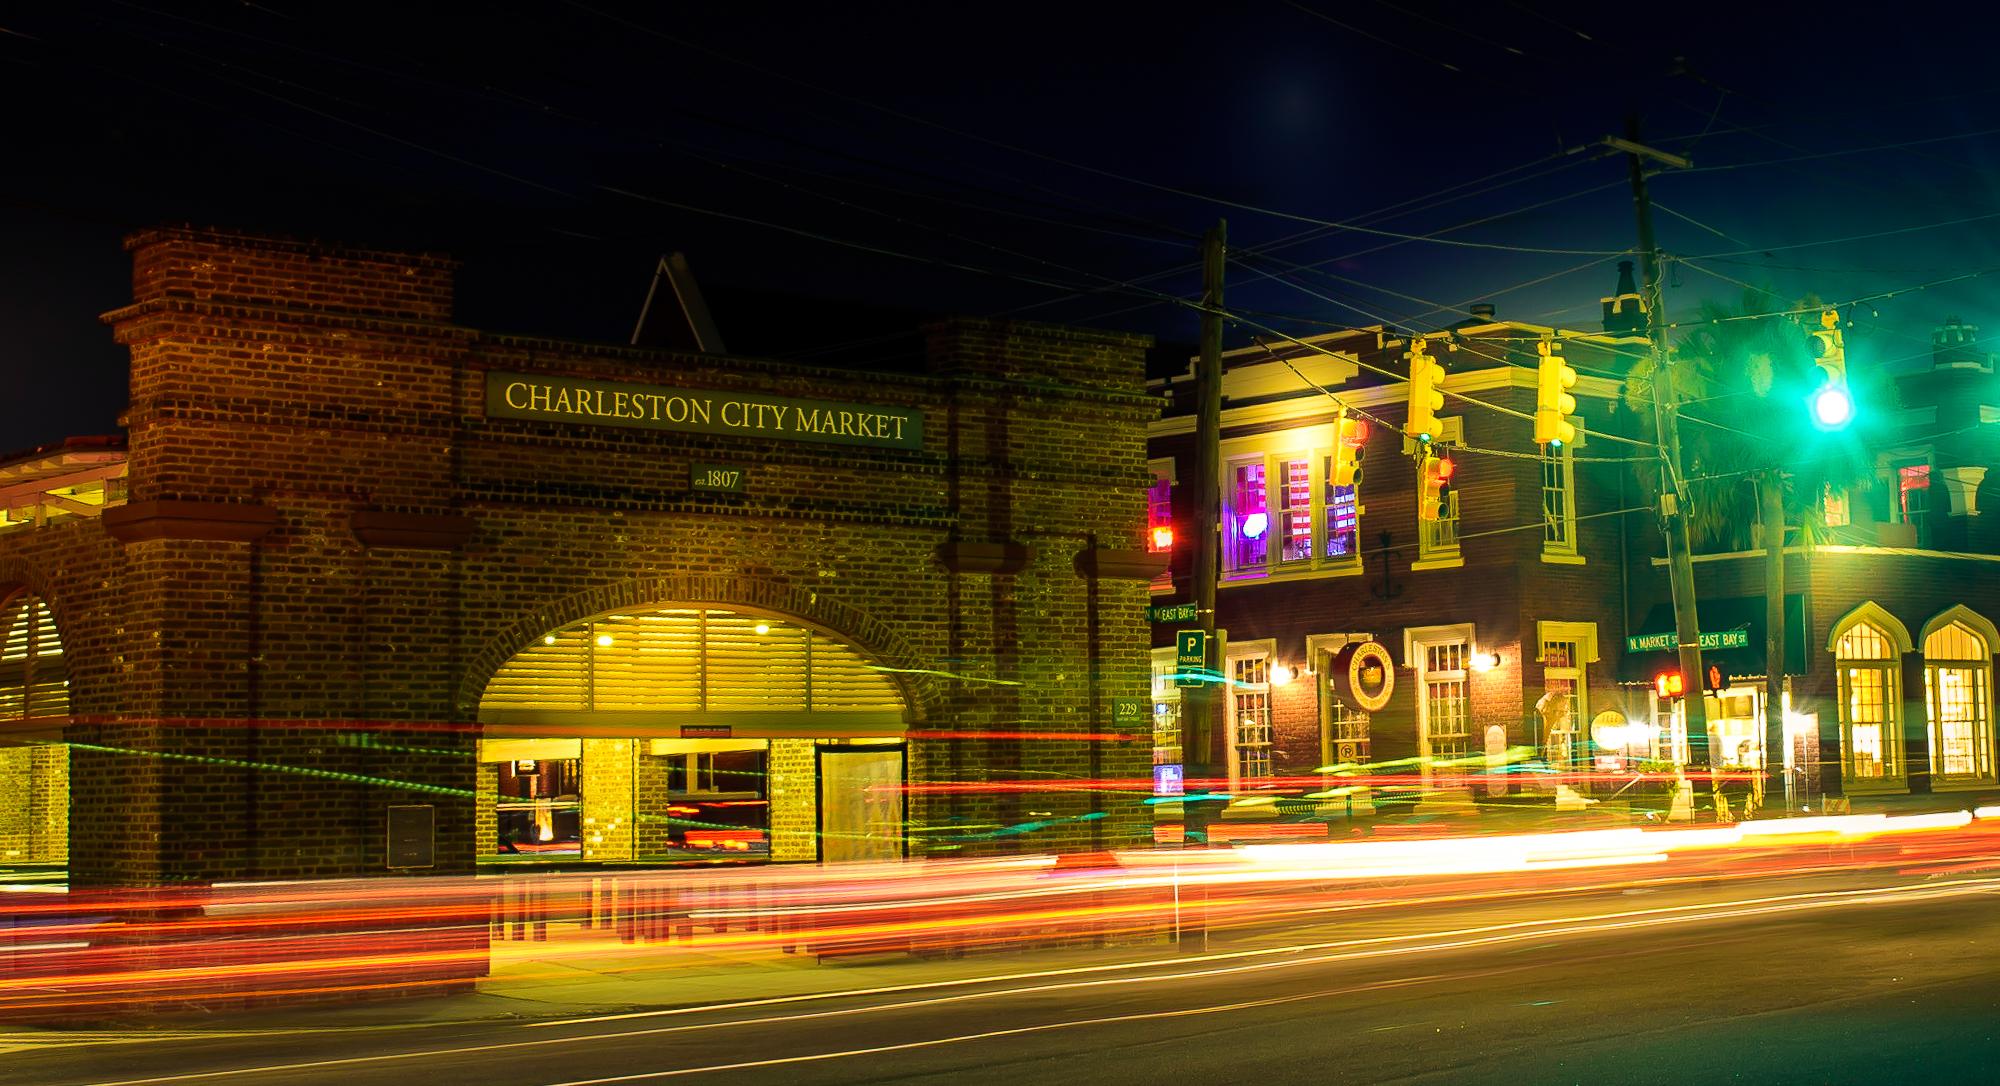 58070A - Charleston Straw Market - L